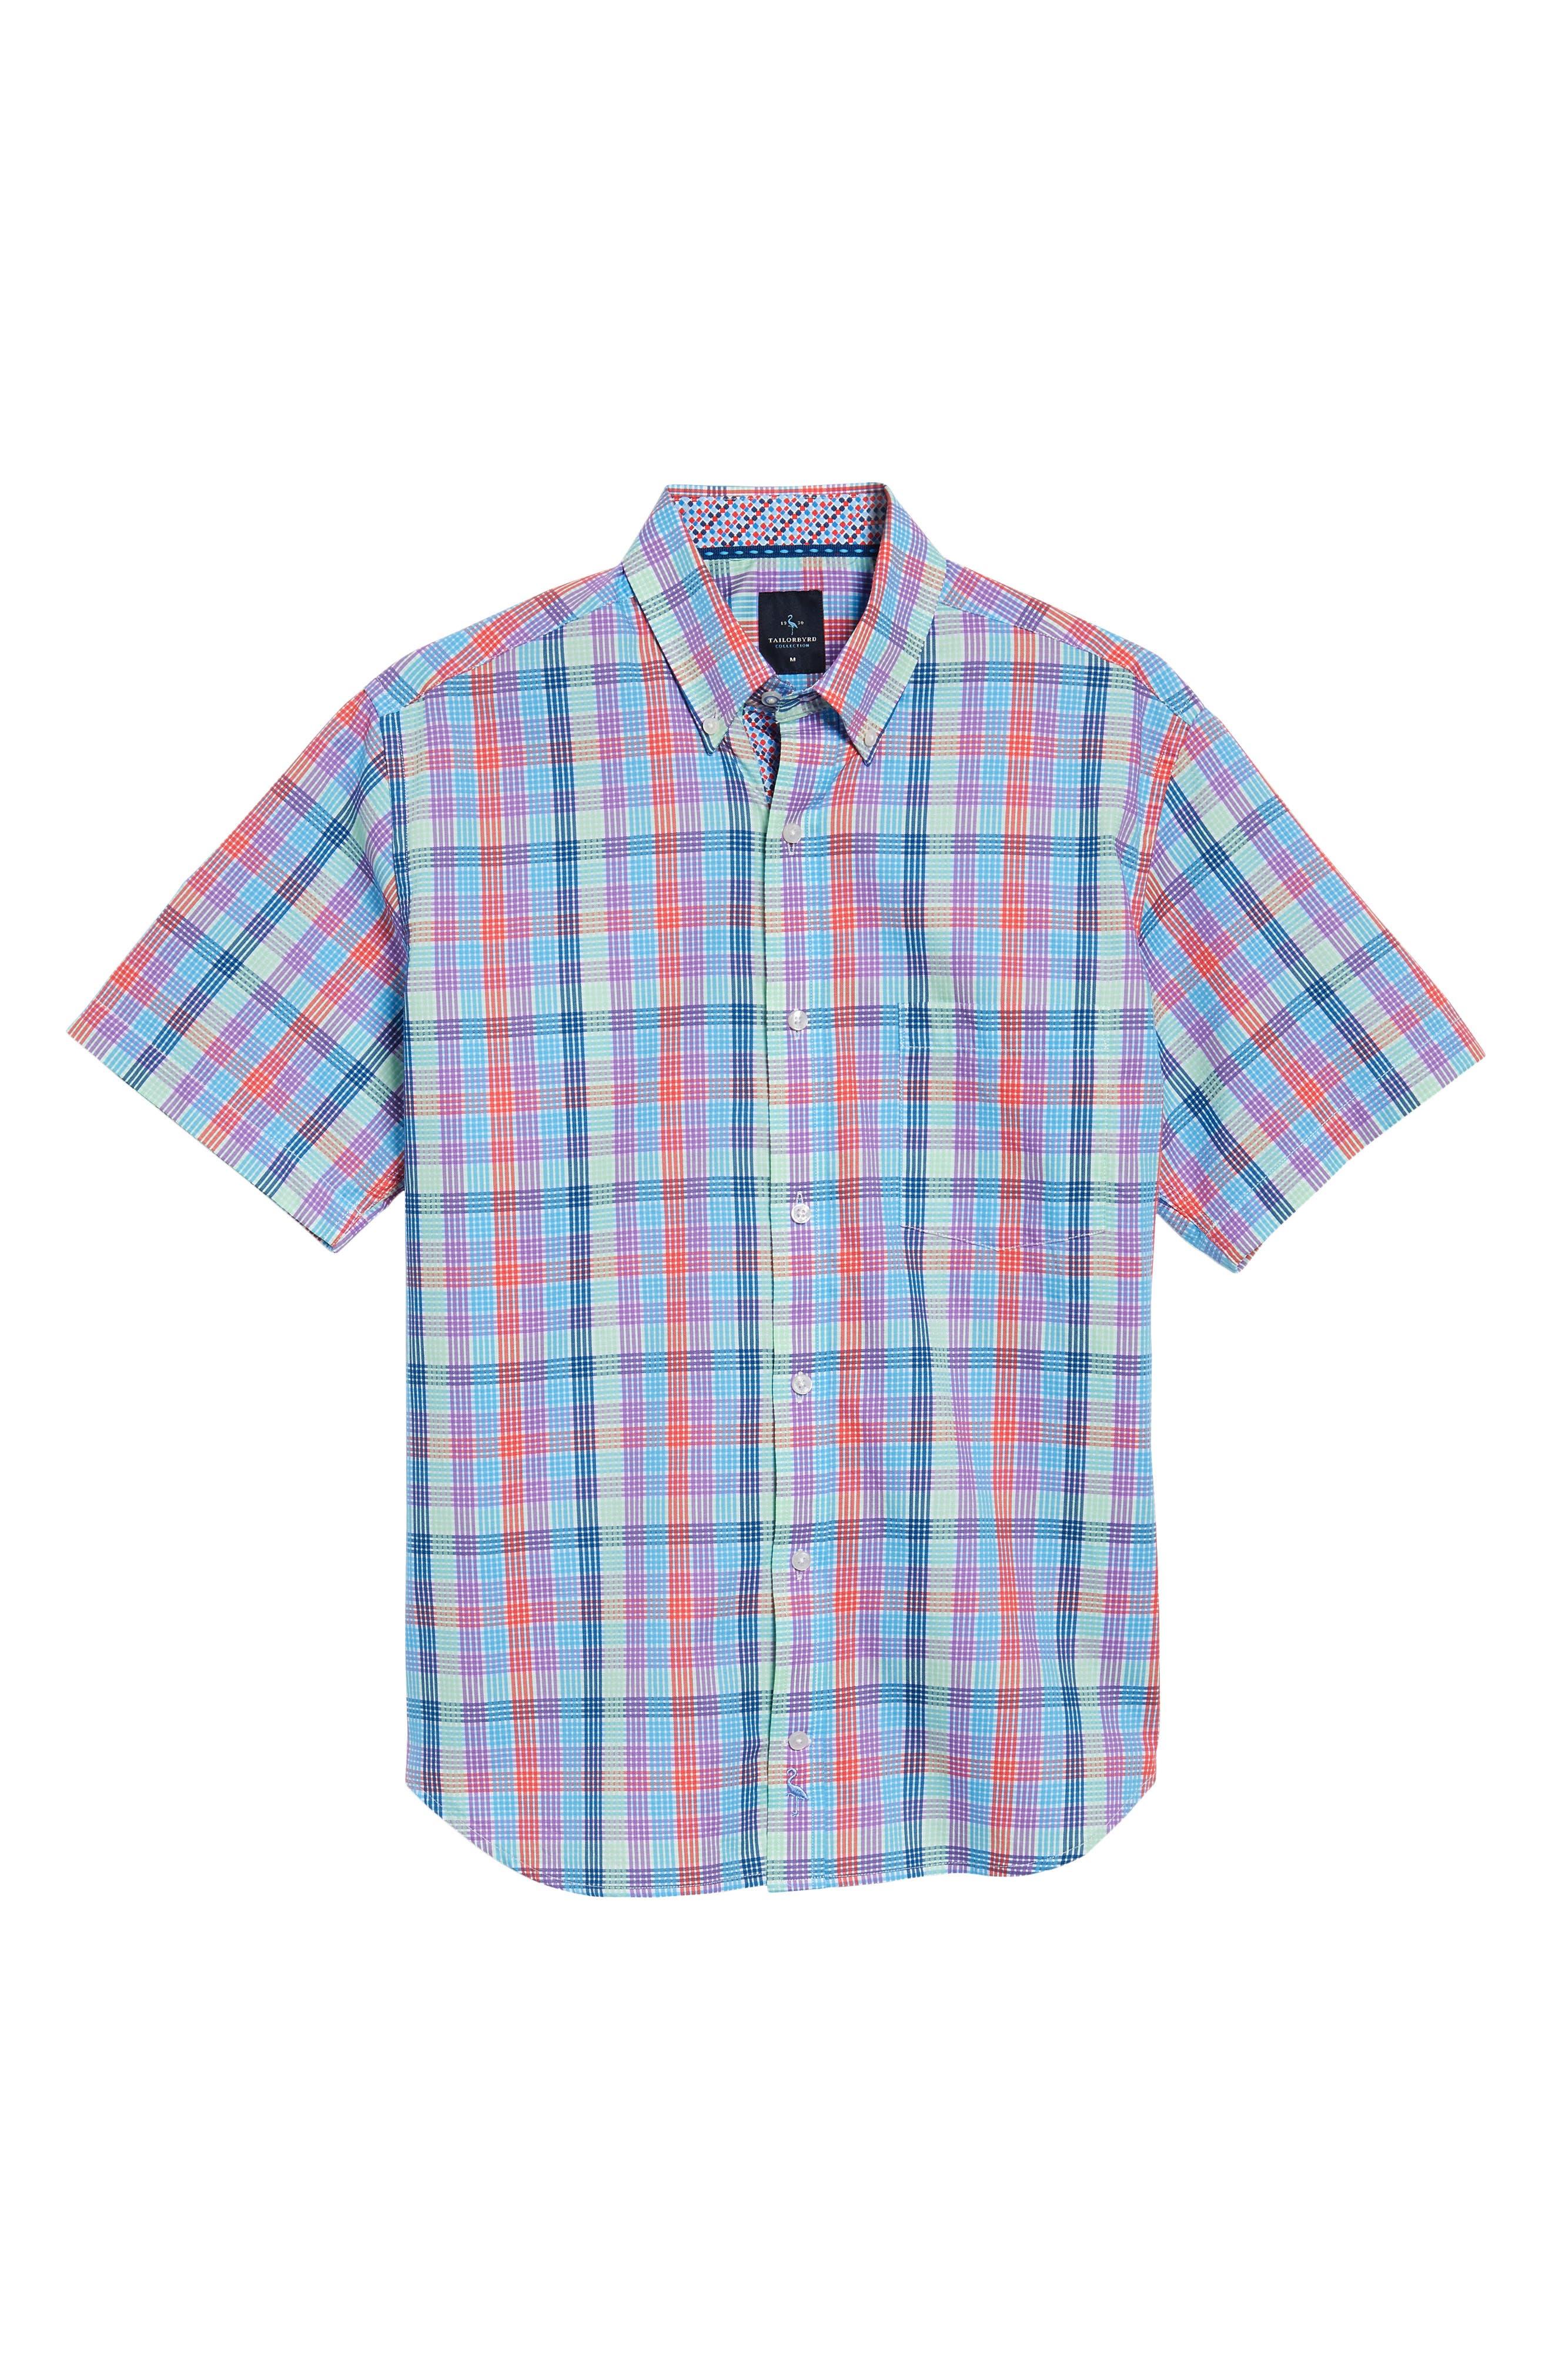 Slidell Regular Fit Check Sport Shirt,                             Alternate thumbnail 6, color,                             465